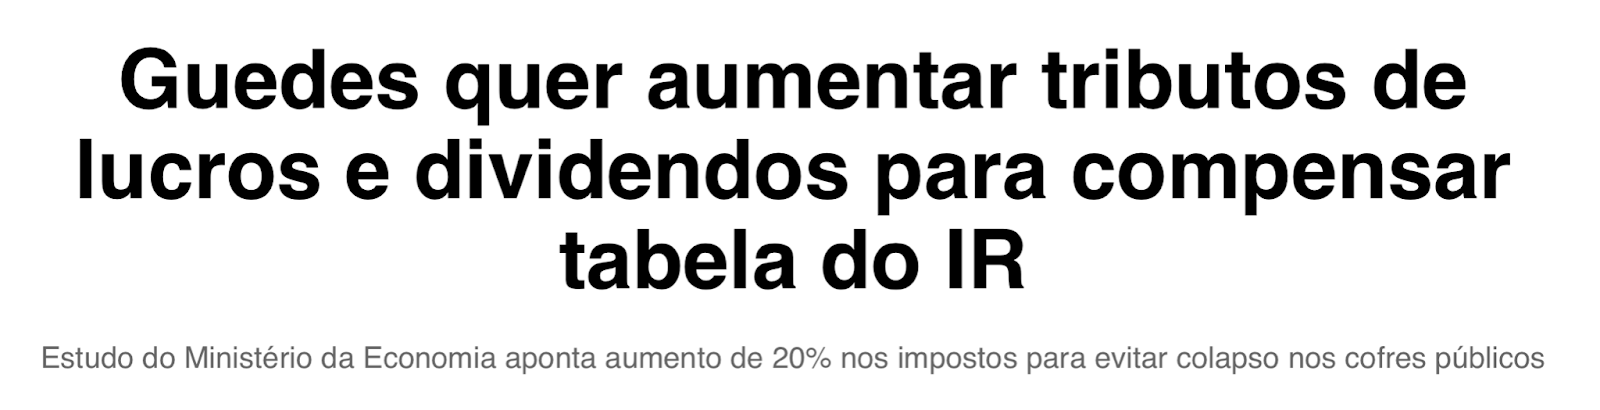 """Print de manchete: """"Guedes quer aumentar tributos de lucros e dividendos para compensar tabela do IR. Estudo do Ministério da Economia aponta aumento de 20% nos impostos para evitar colapso nos cofres públicos."""""""